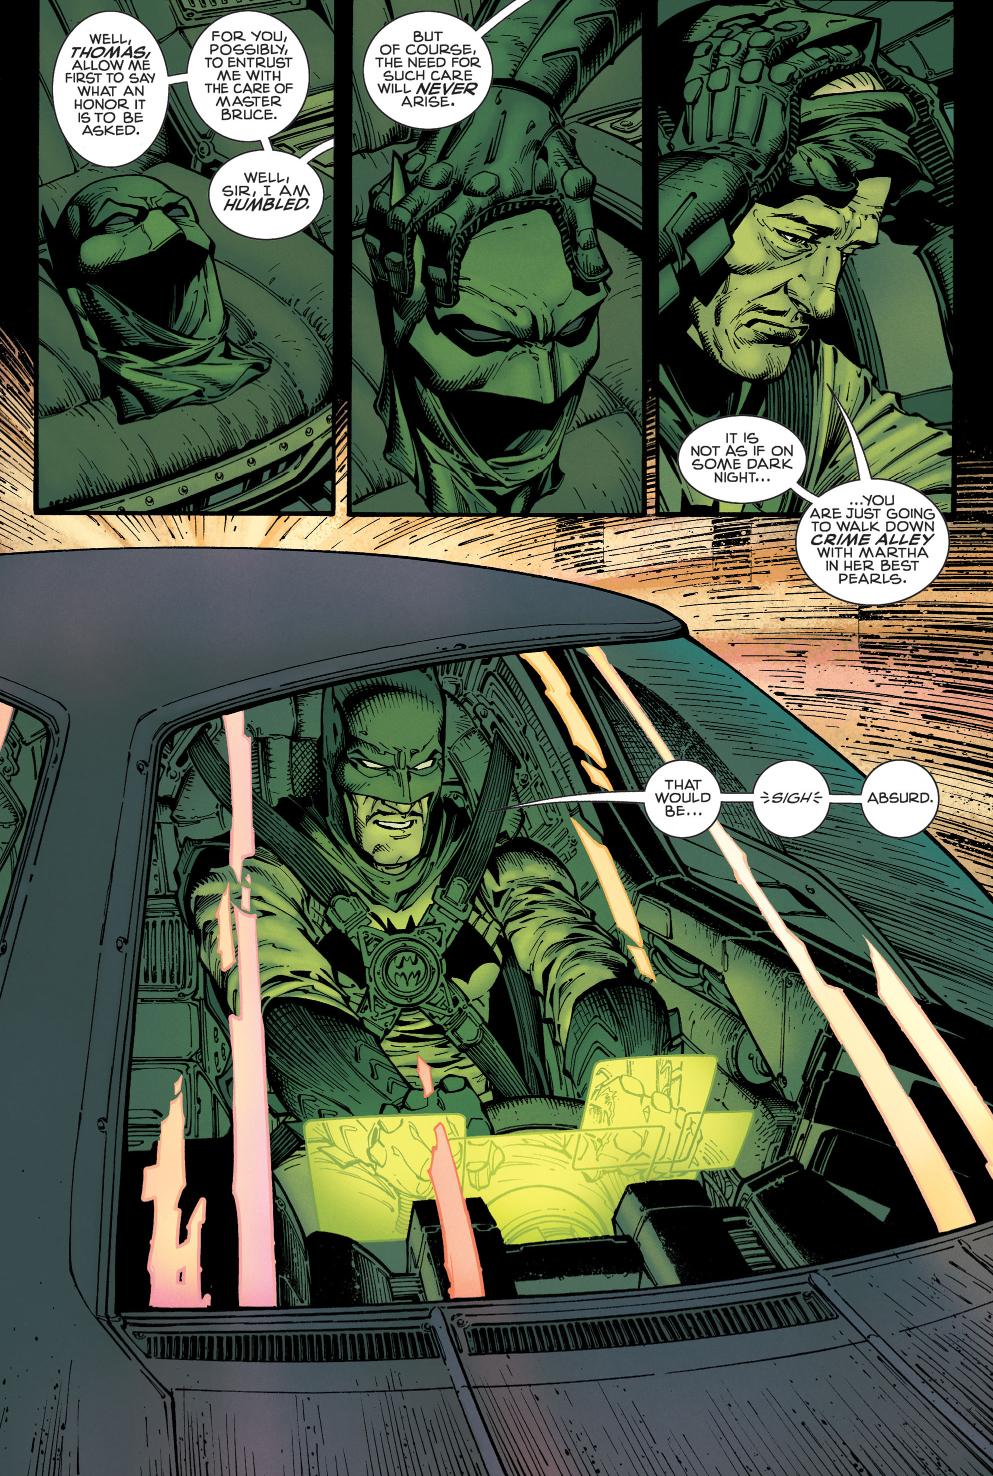 alfred pennyworth as batman